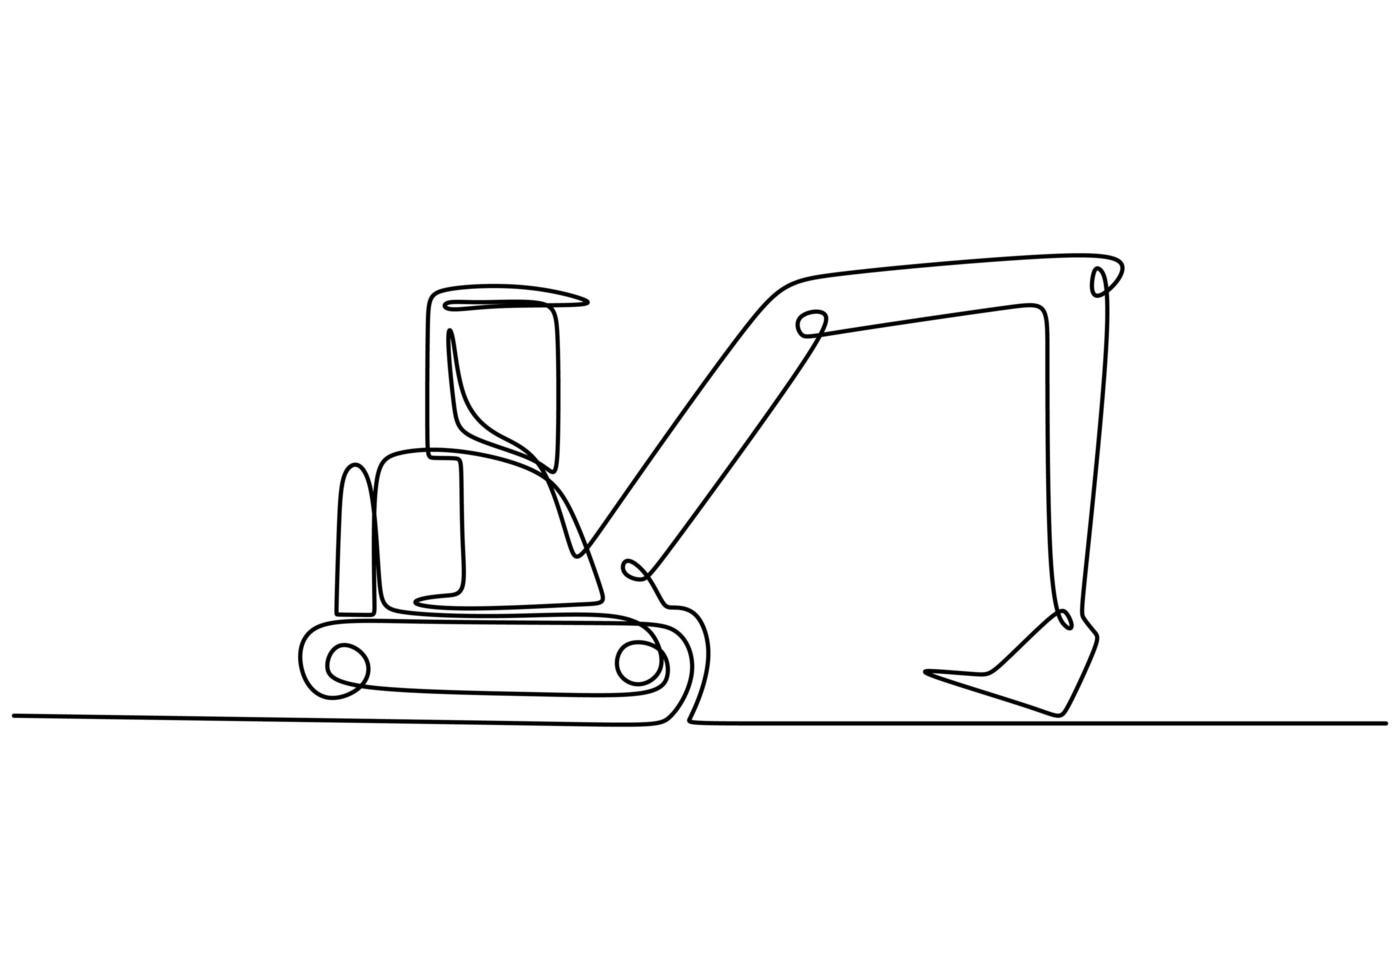 arte a linea continua o un disegno a tratteggio del veicolo da costruzione retroescavatore. vettore